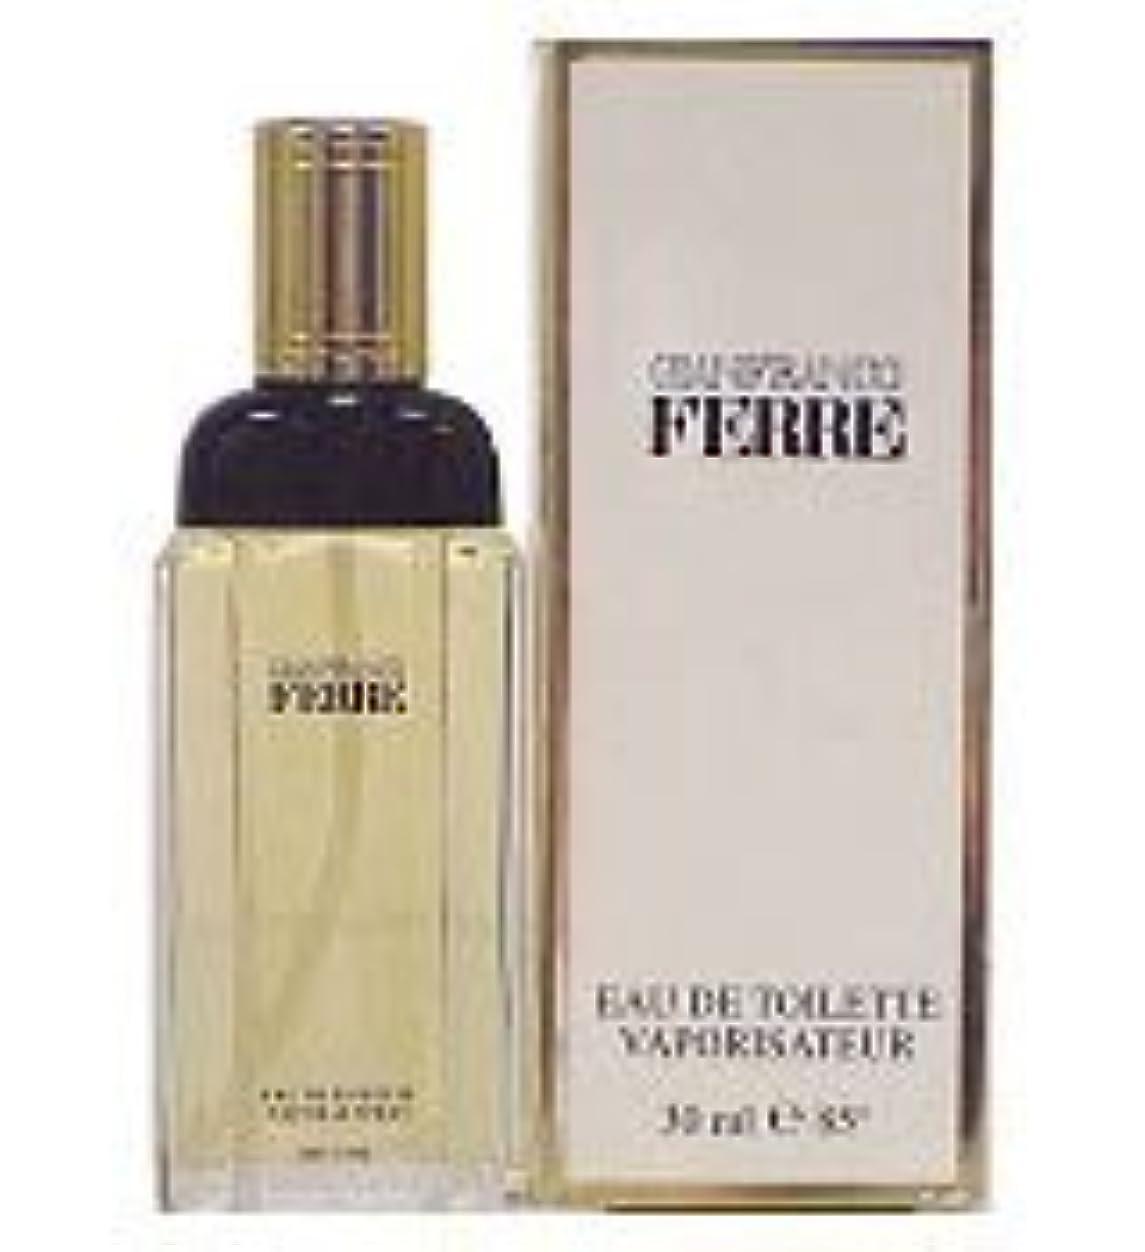 問題乱れウェーハGianfranco Ferre (ジャンフランコ フェレ) 1.7 oz EDT Spray (White Box) for Women